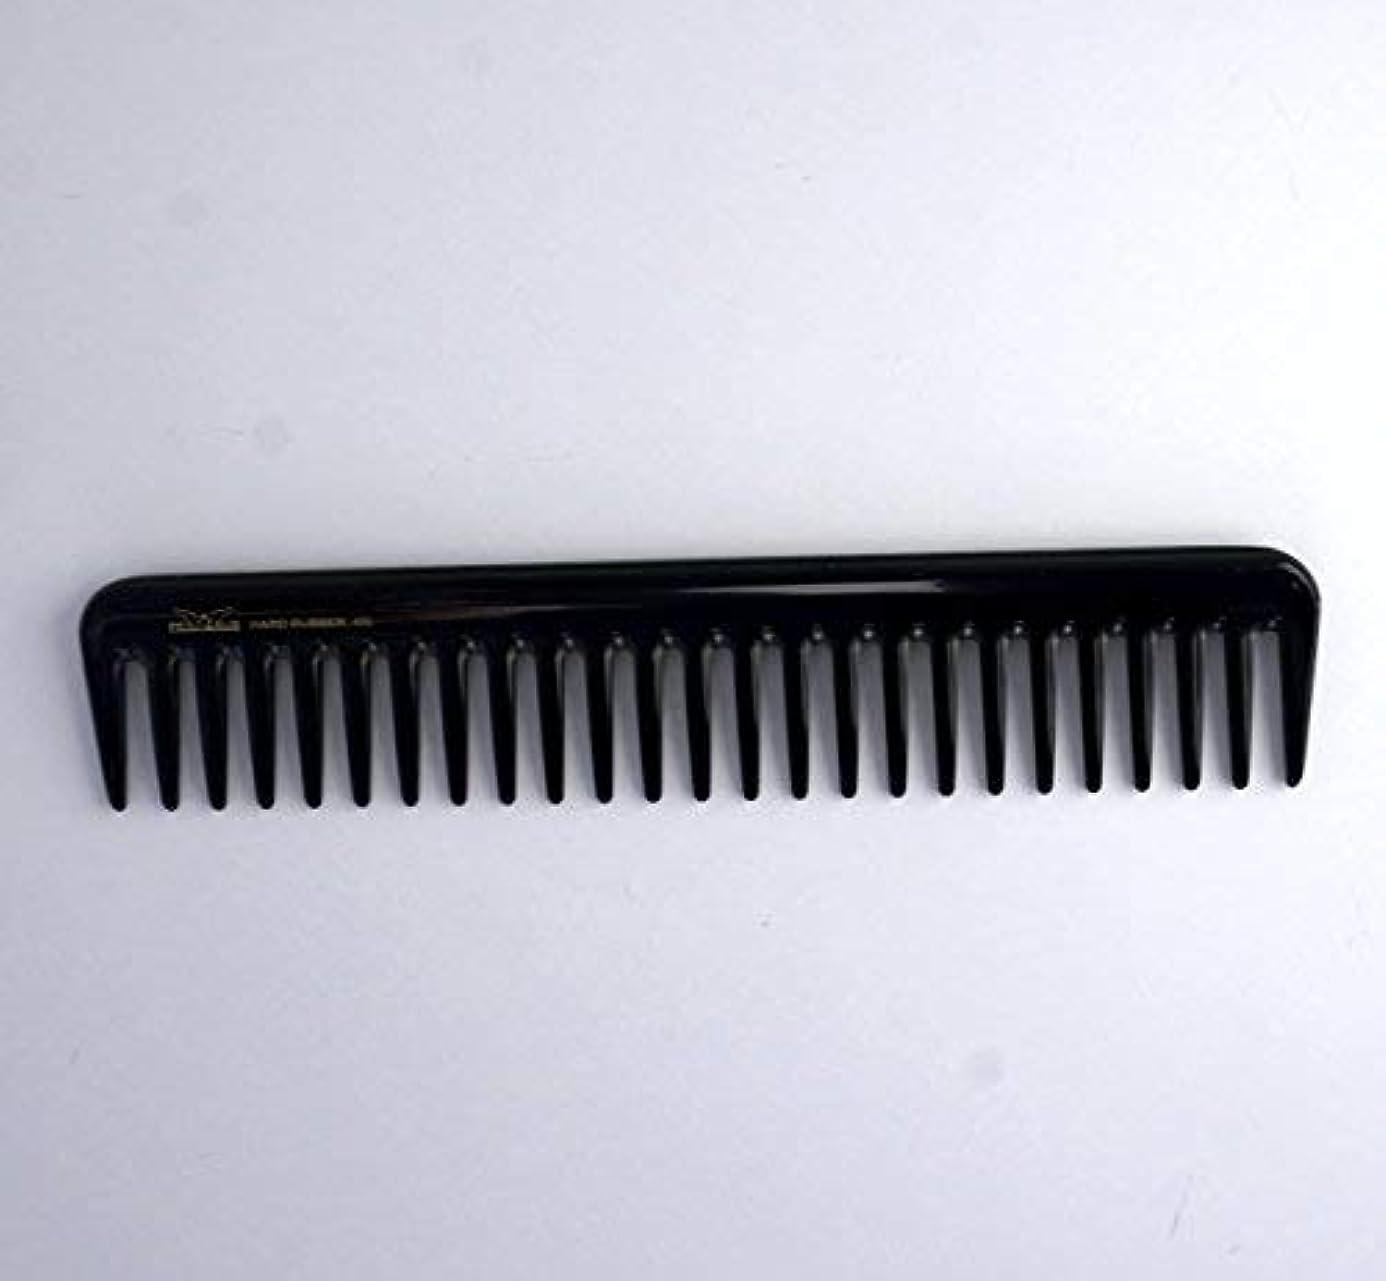 コミュニケーション禁止する放置7in, Hard Rubber, Wide Tooth Short Styling Comb [並行輸入品]